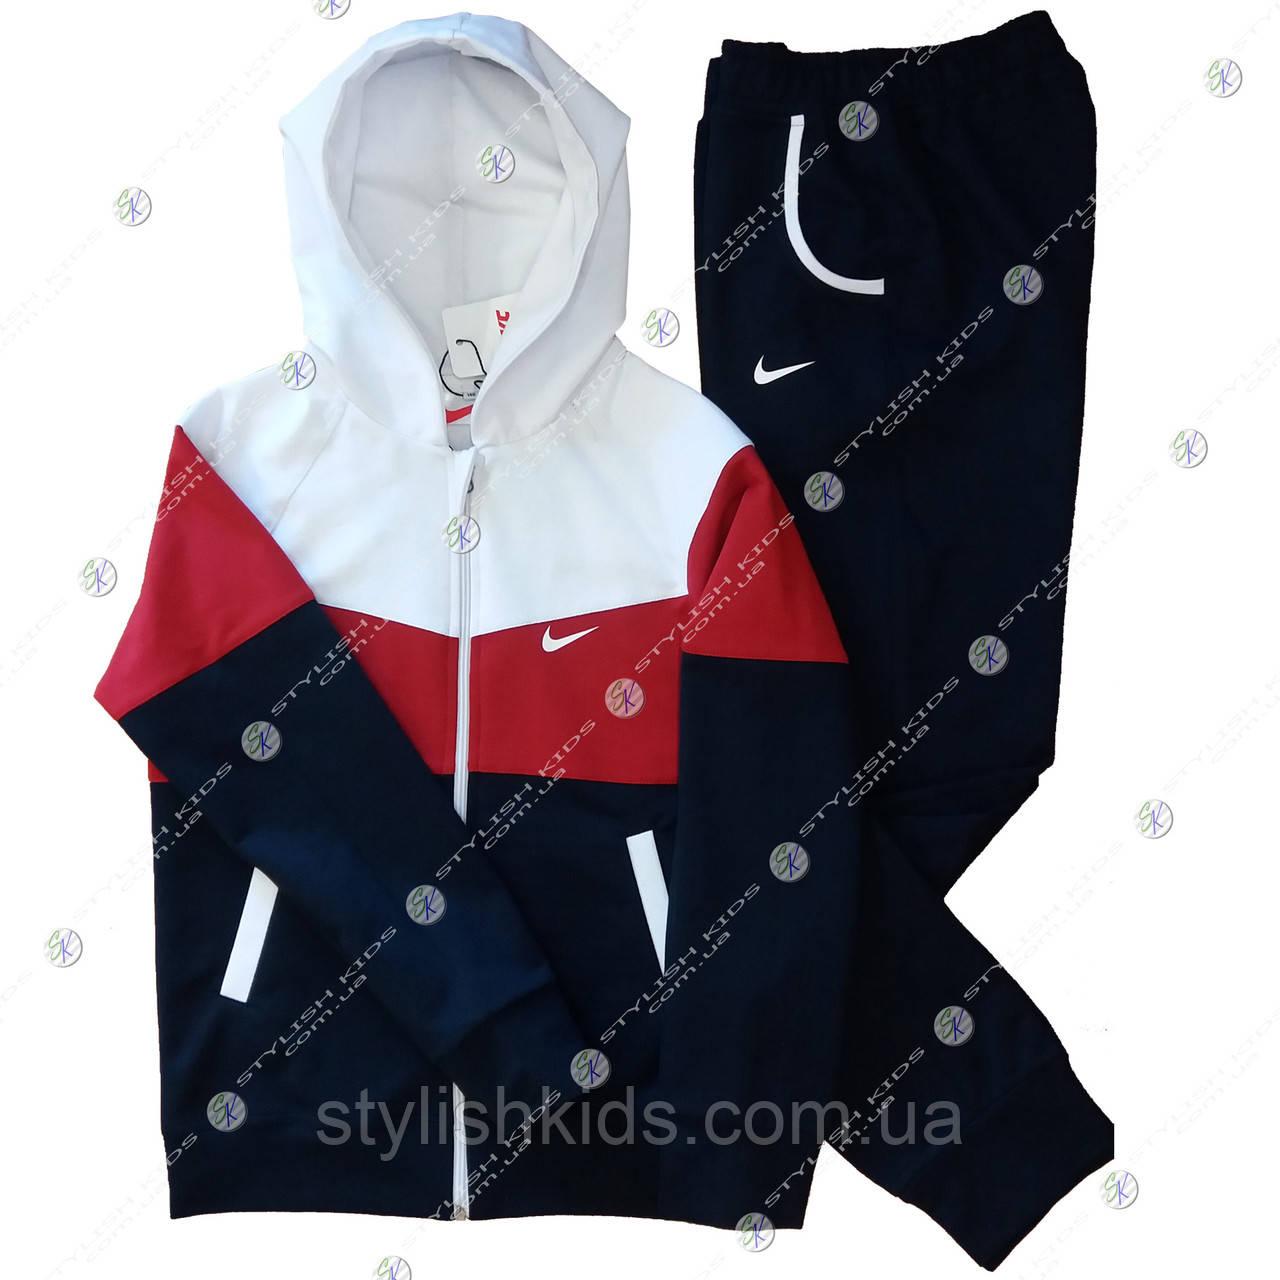 Купить спортивный костюм Nike 9 лет-16 лет на подростка в Украине.Спортивный  костюм для подростка мальчика. 8d9a1ff83df